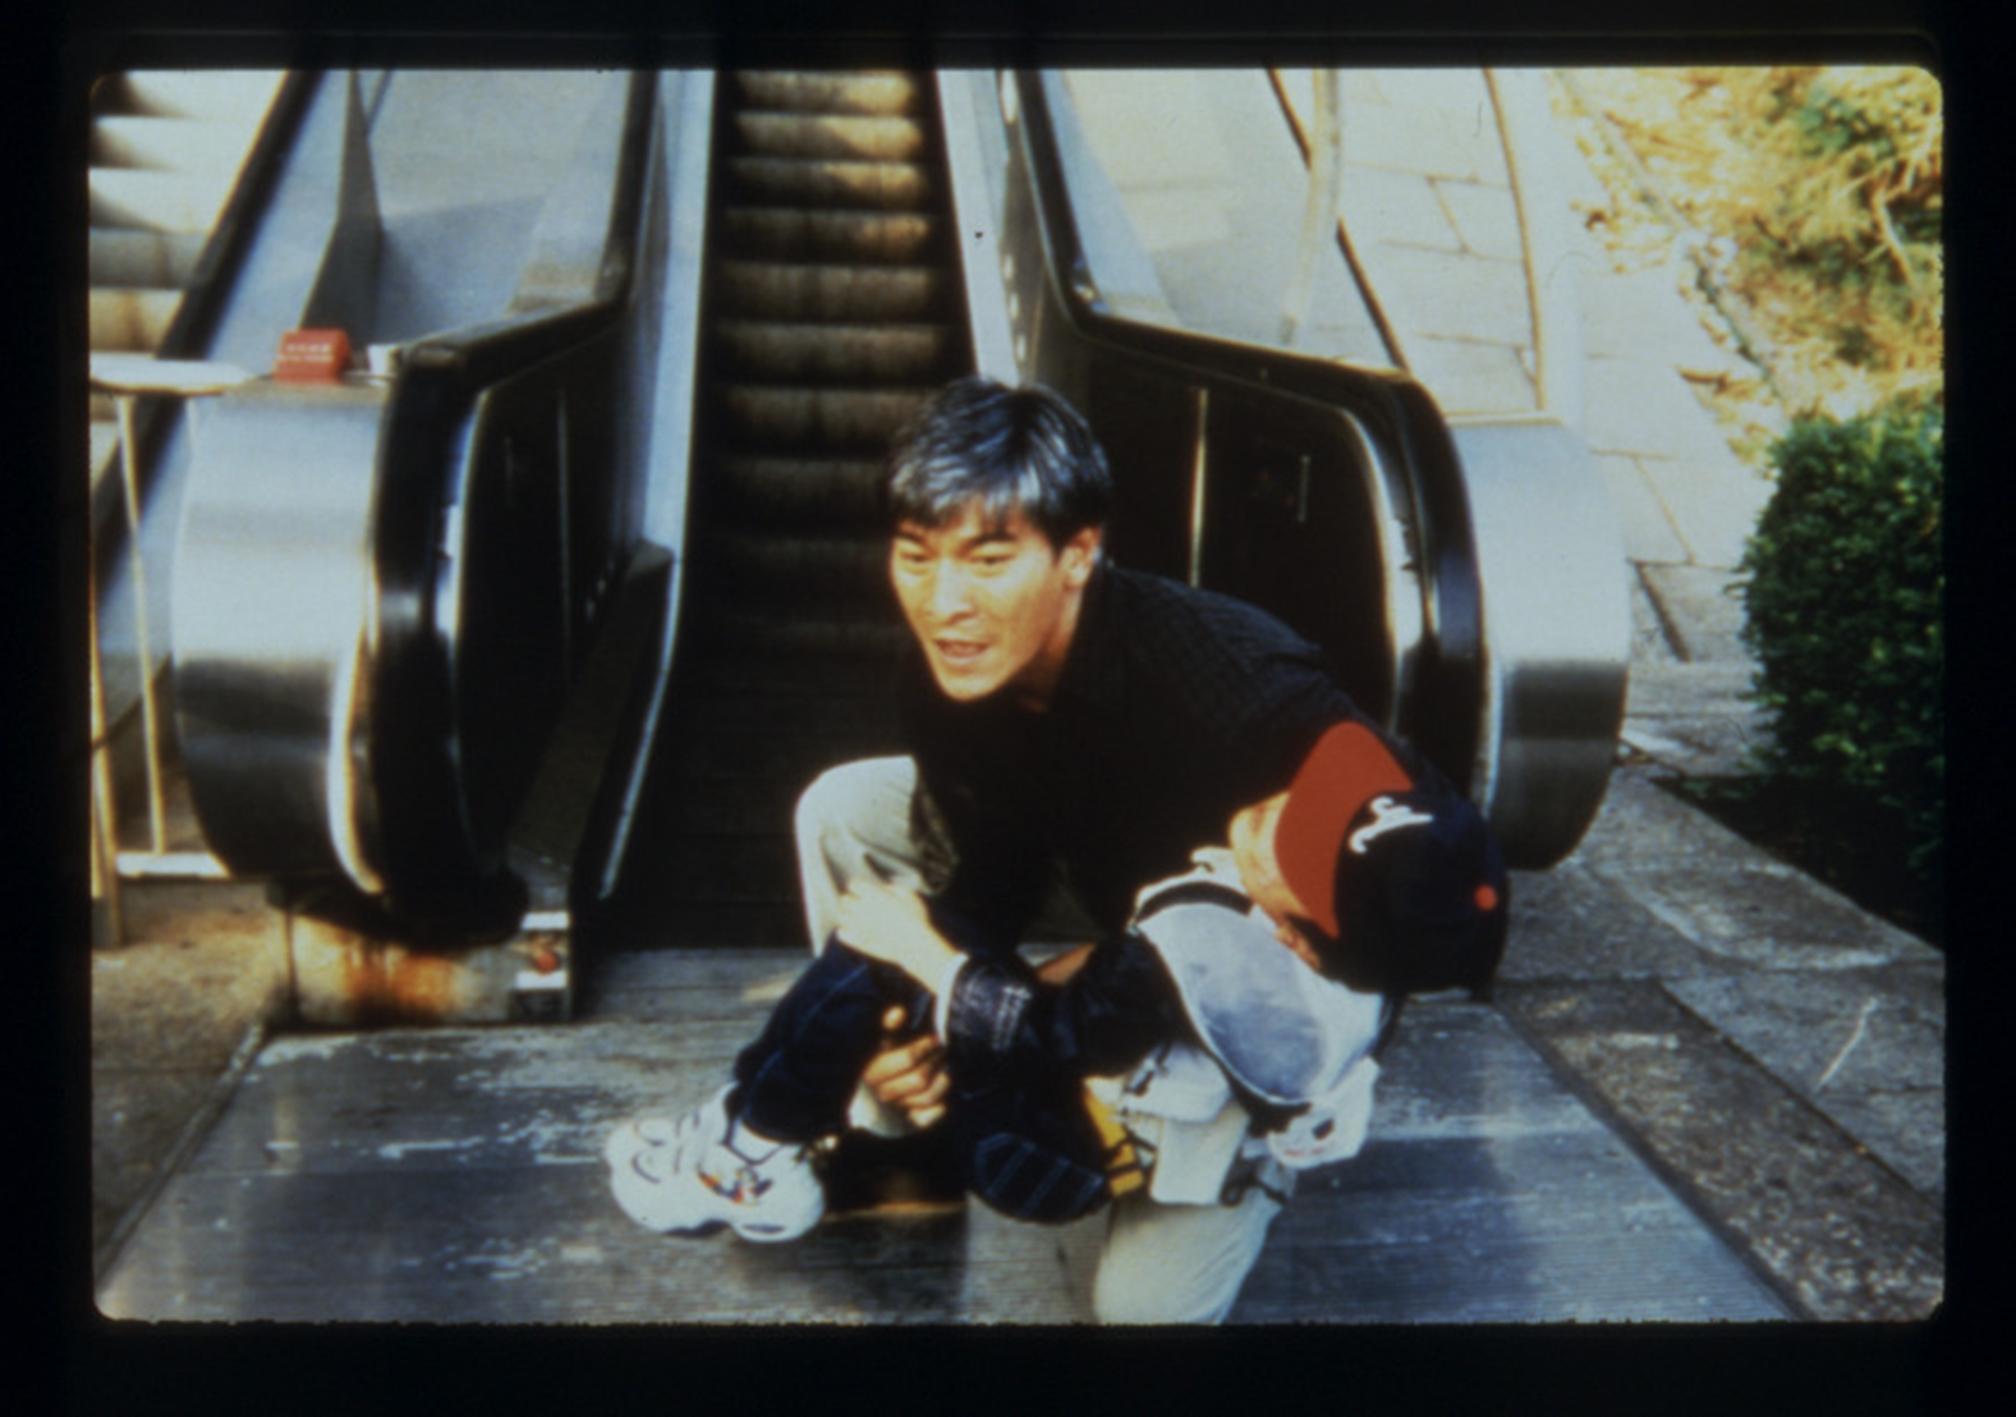 賭俠 1999劇照 7